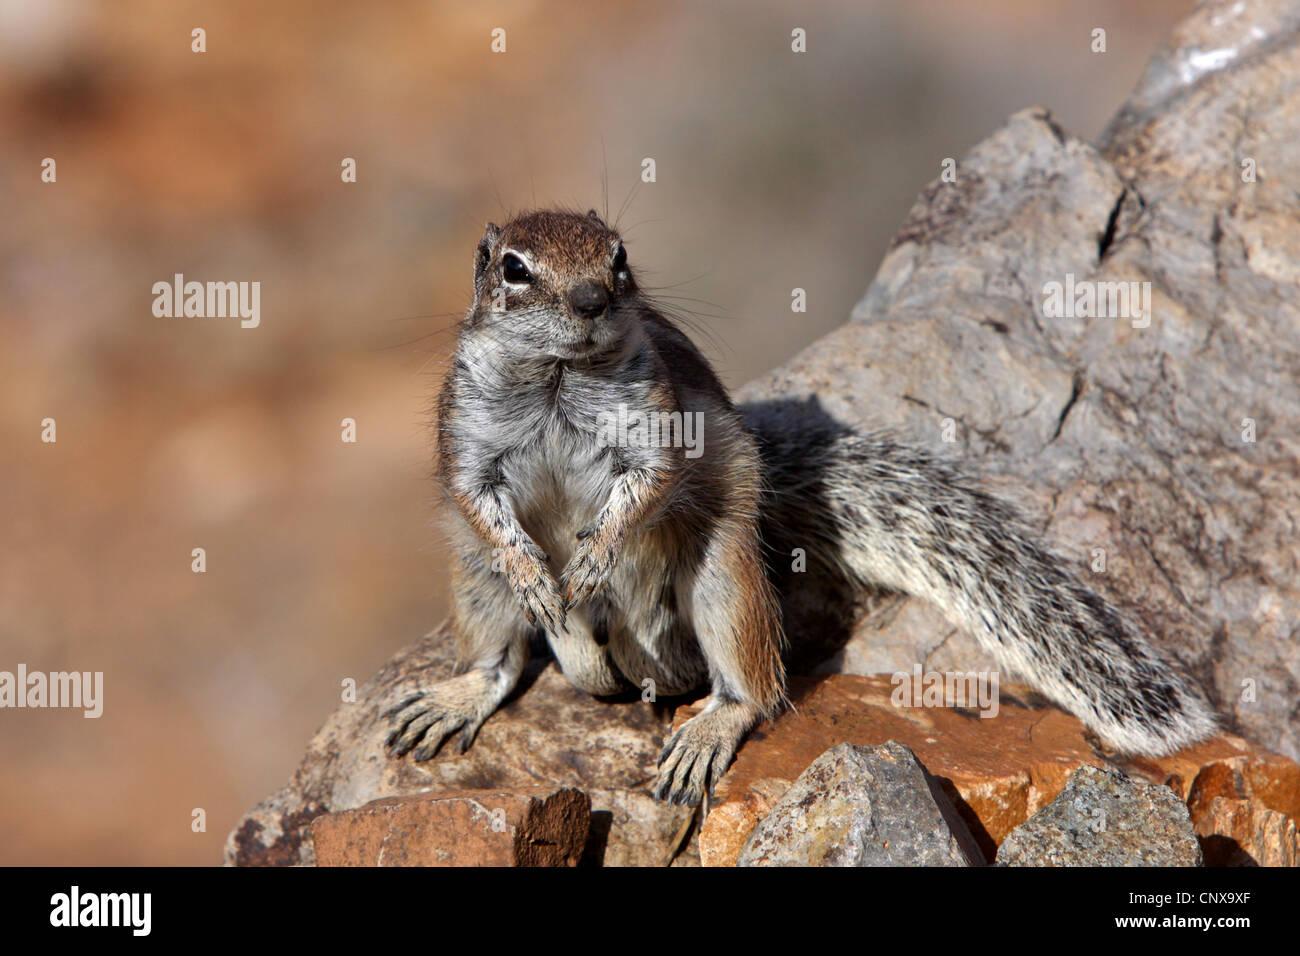 Suslik barbary, del norte de África suslik (Atlantoxerus getulus), sentado sobre una roca, islas Canarias, Imagen De Stock